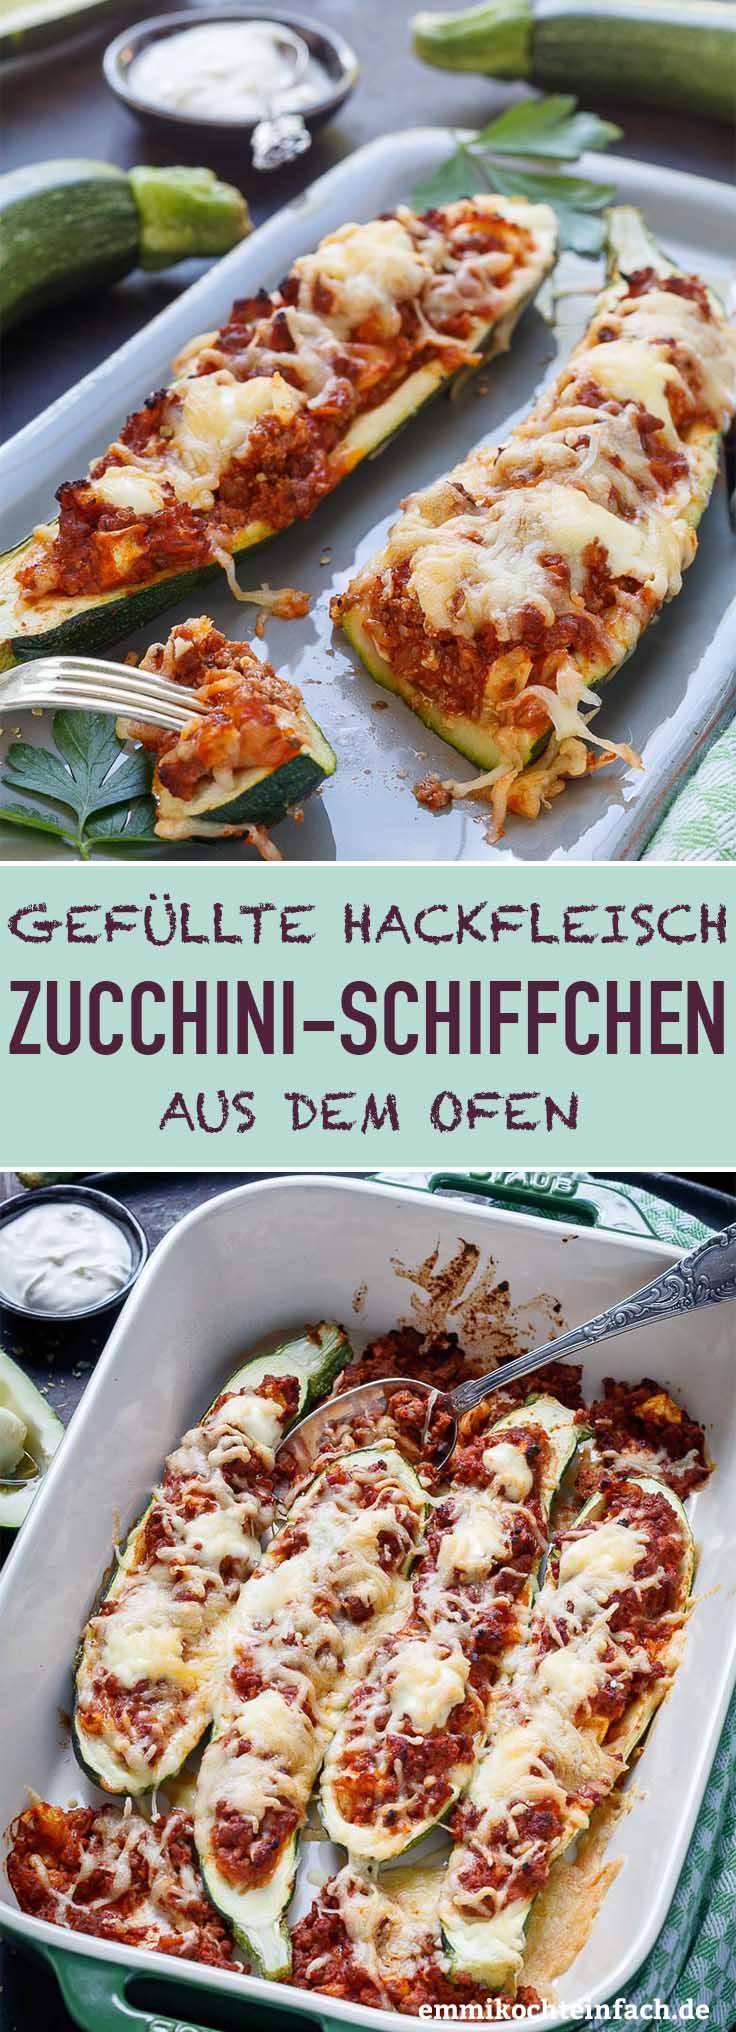 Gefüllte Zucchini Schiffchen mit Hackfleisch - www.emmikochteinfach.de